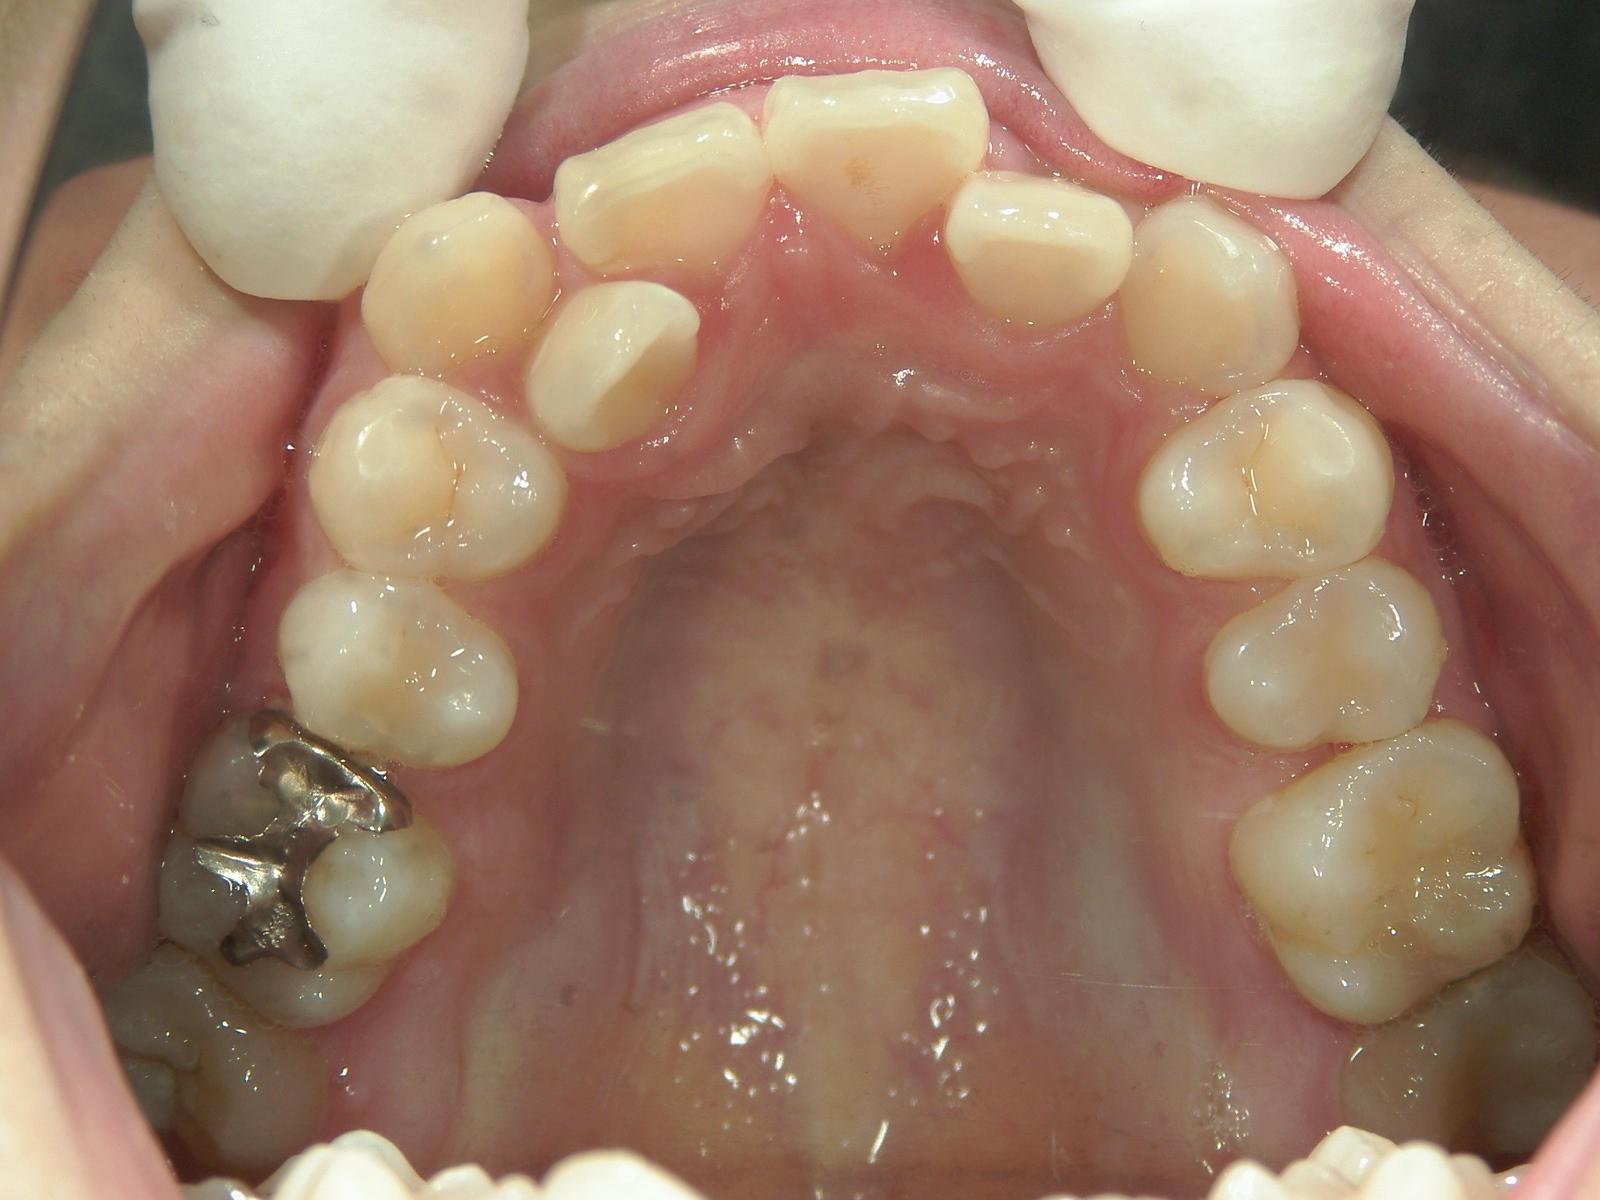 全顎ワイヤー矯正 症例(24)